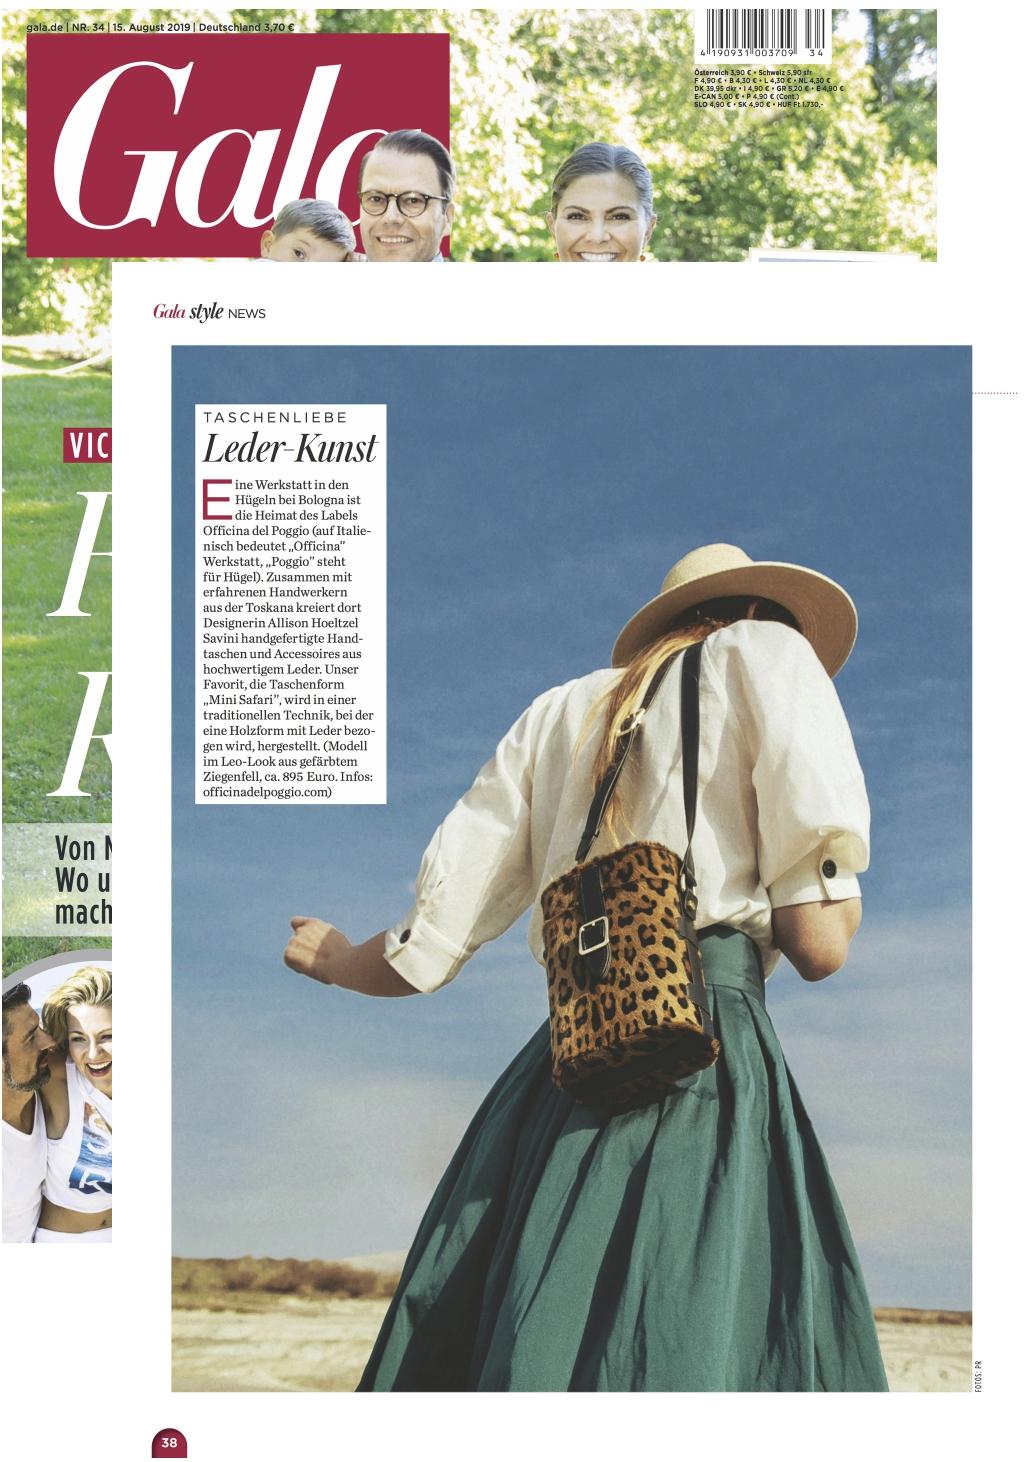 Gala-magazine-germany-officina-del-poggio-odp.jpg